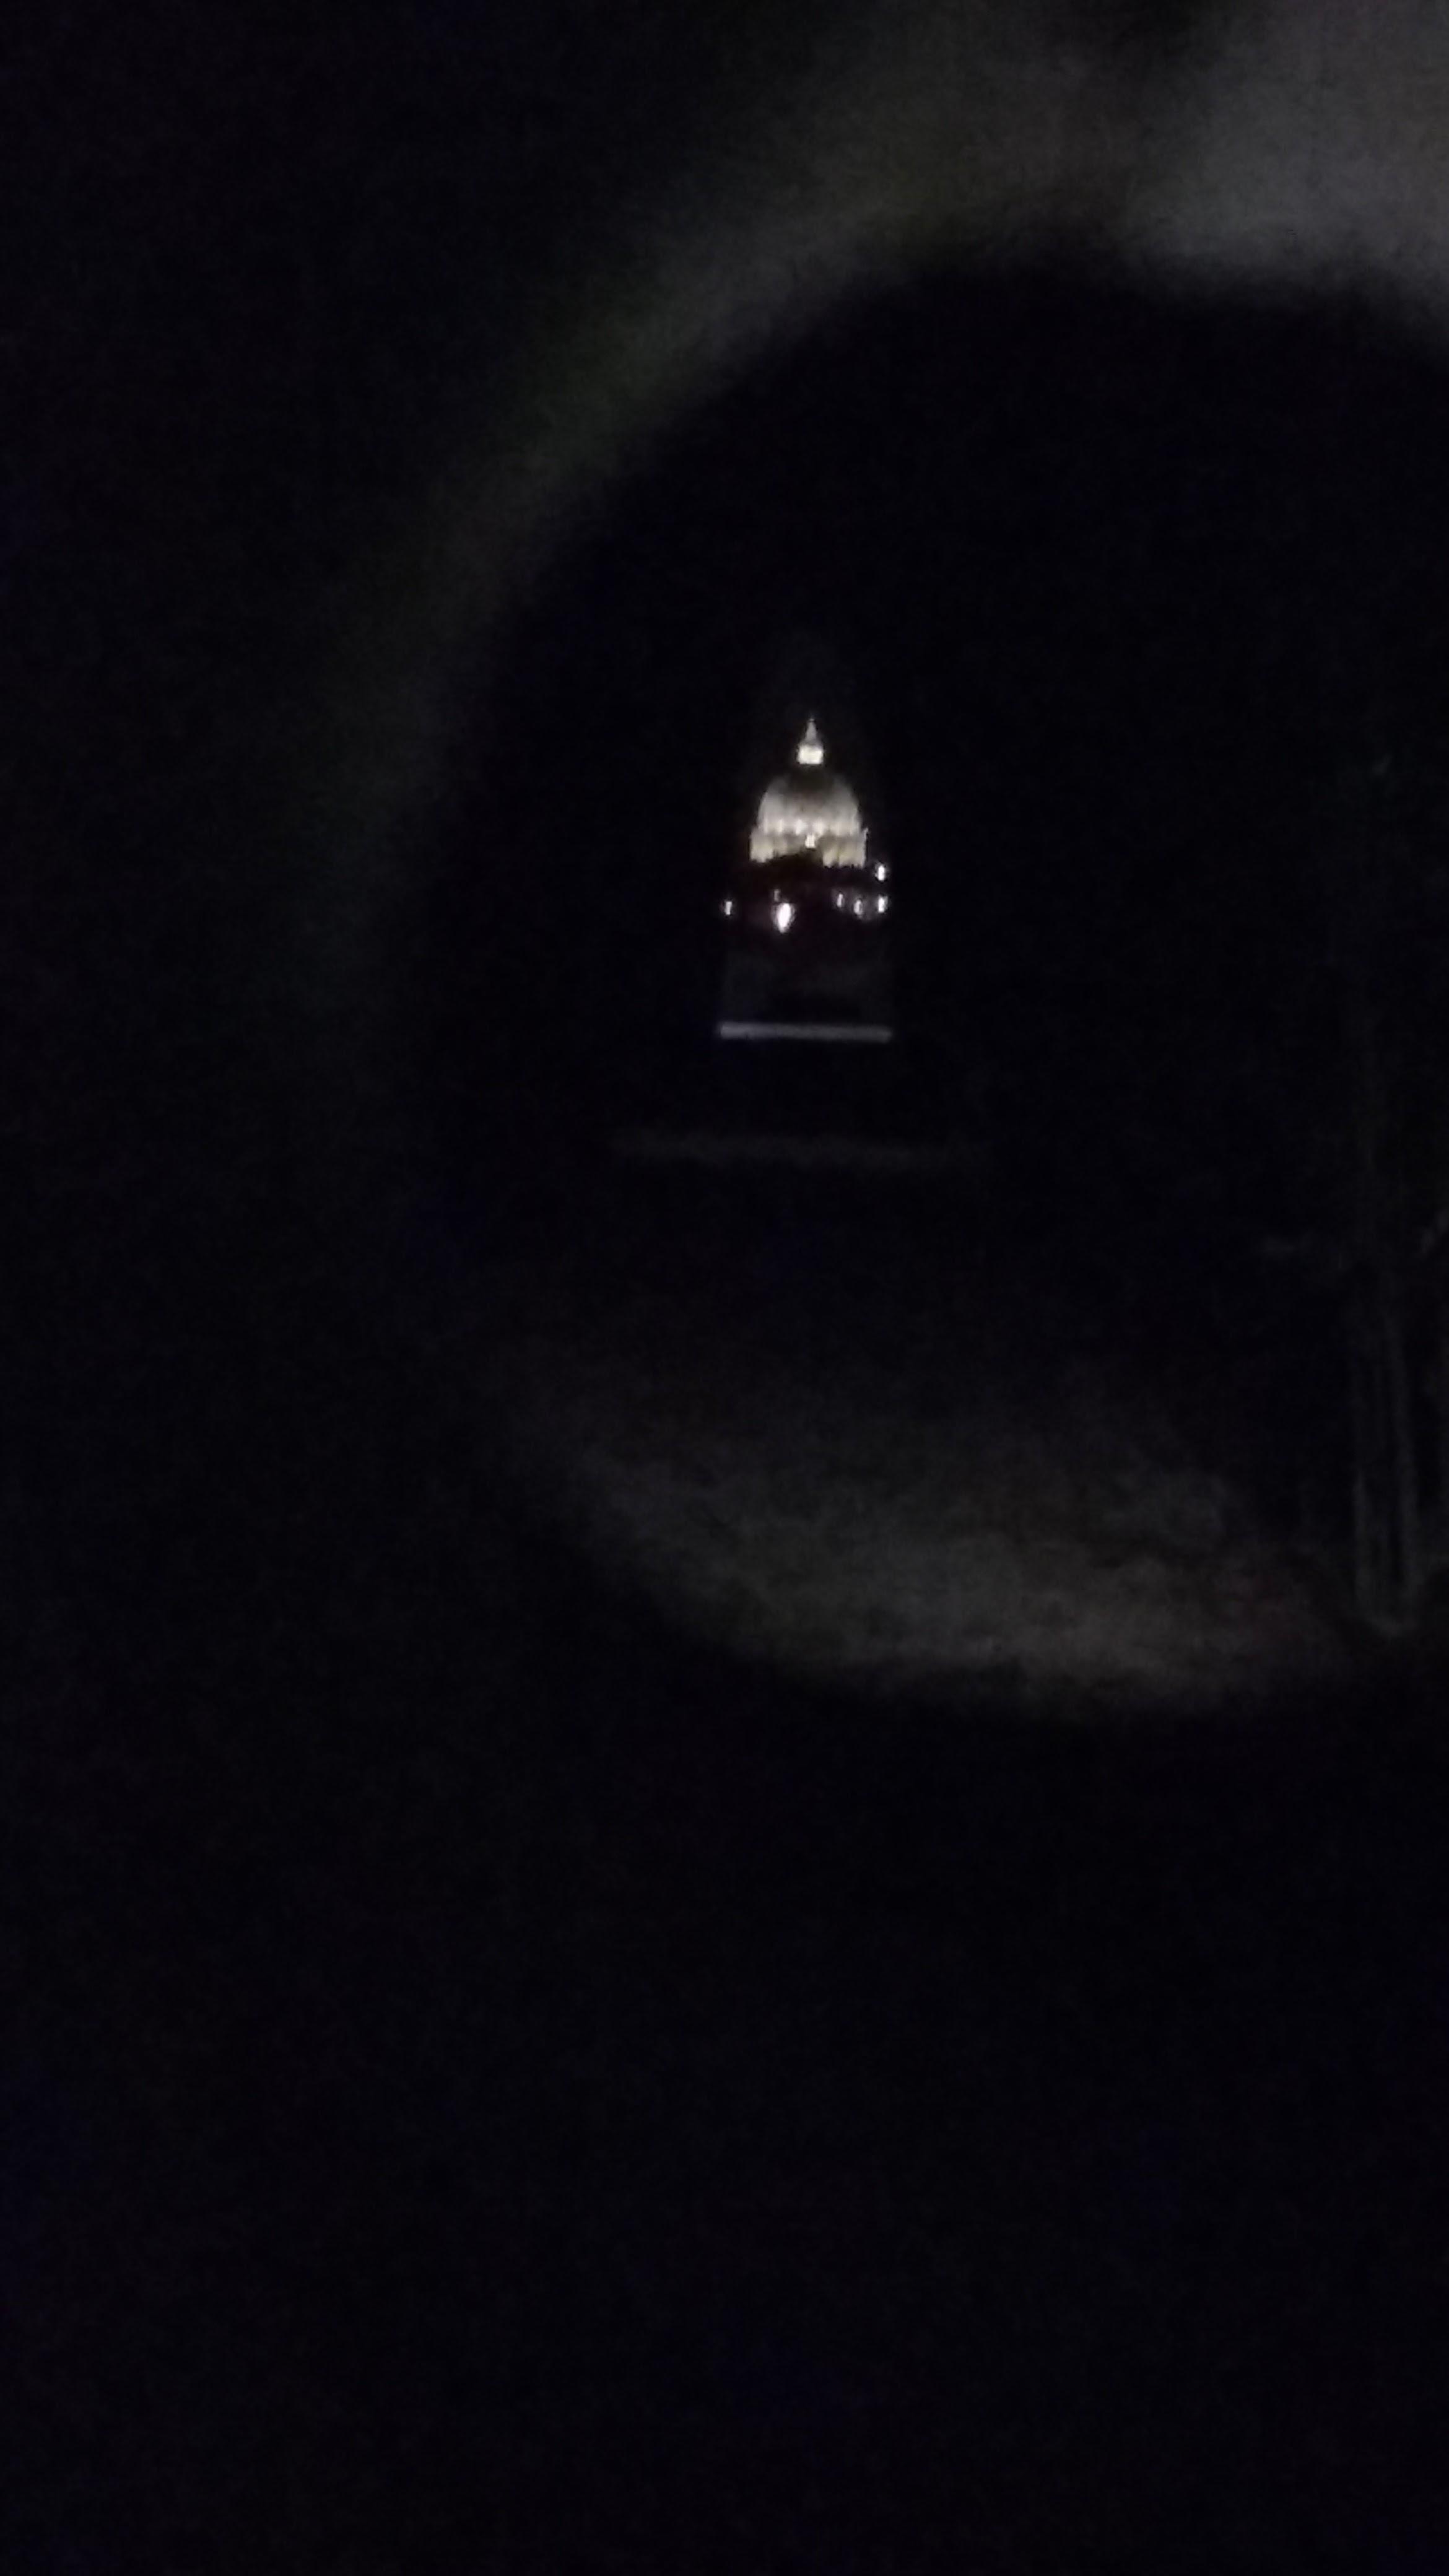 El cerrojo en la puerta - Basílica de San Pedro